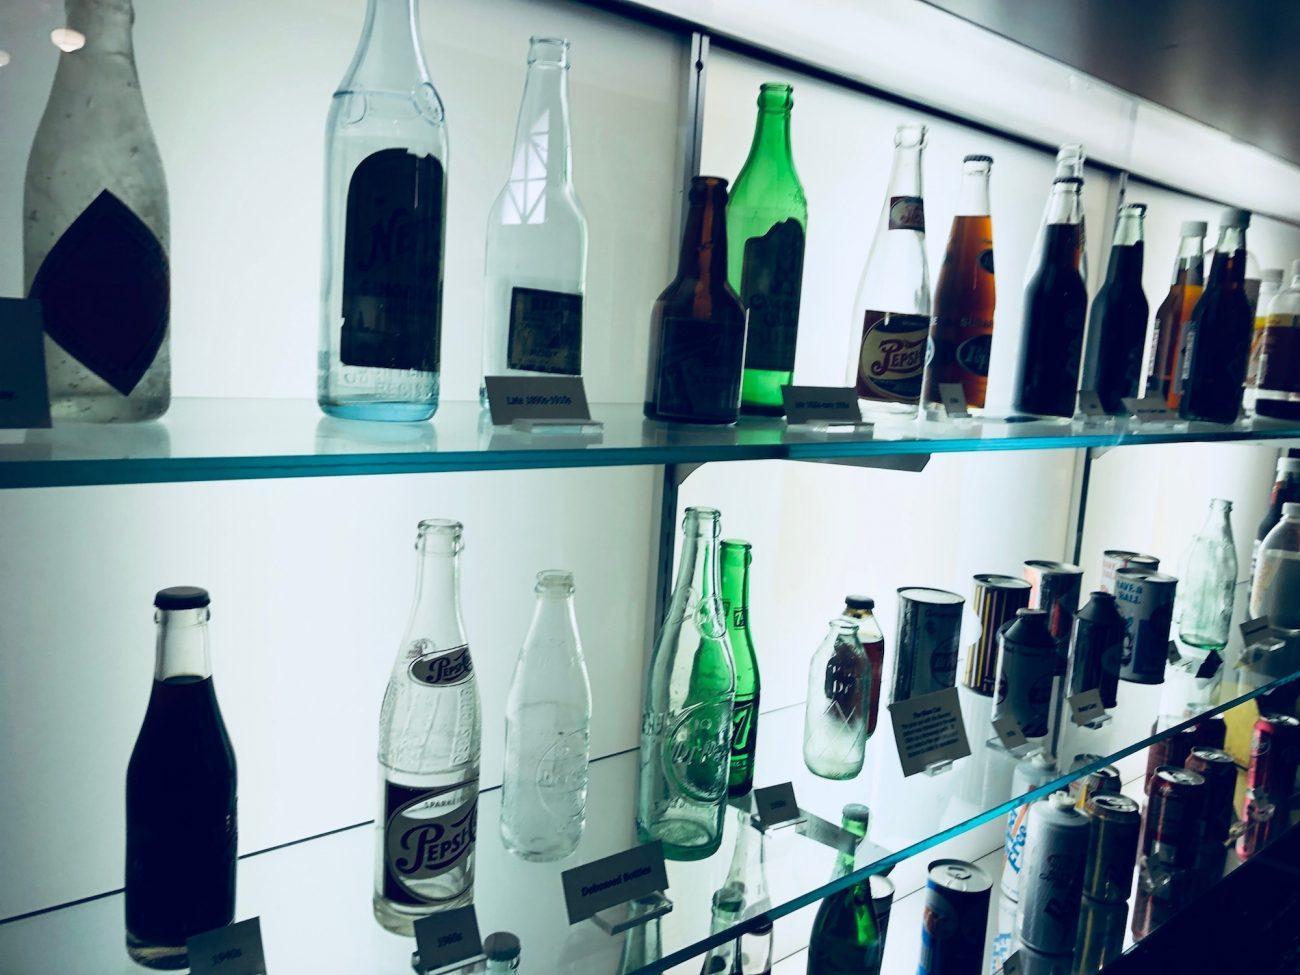 Dr Pepper Museum Bottles